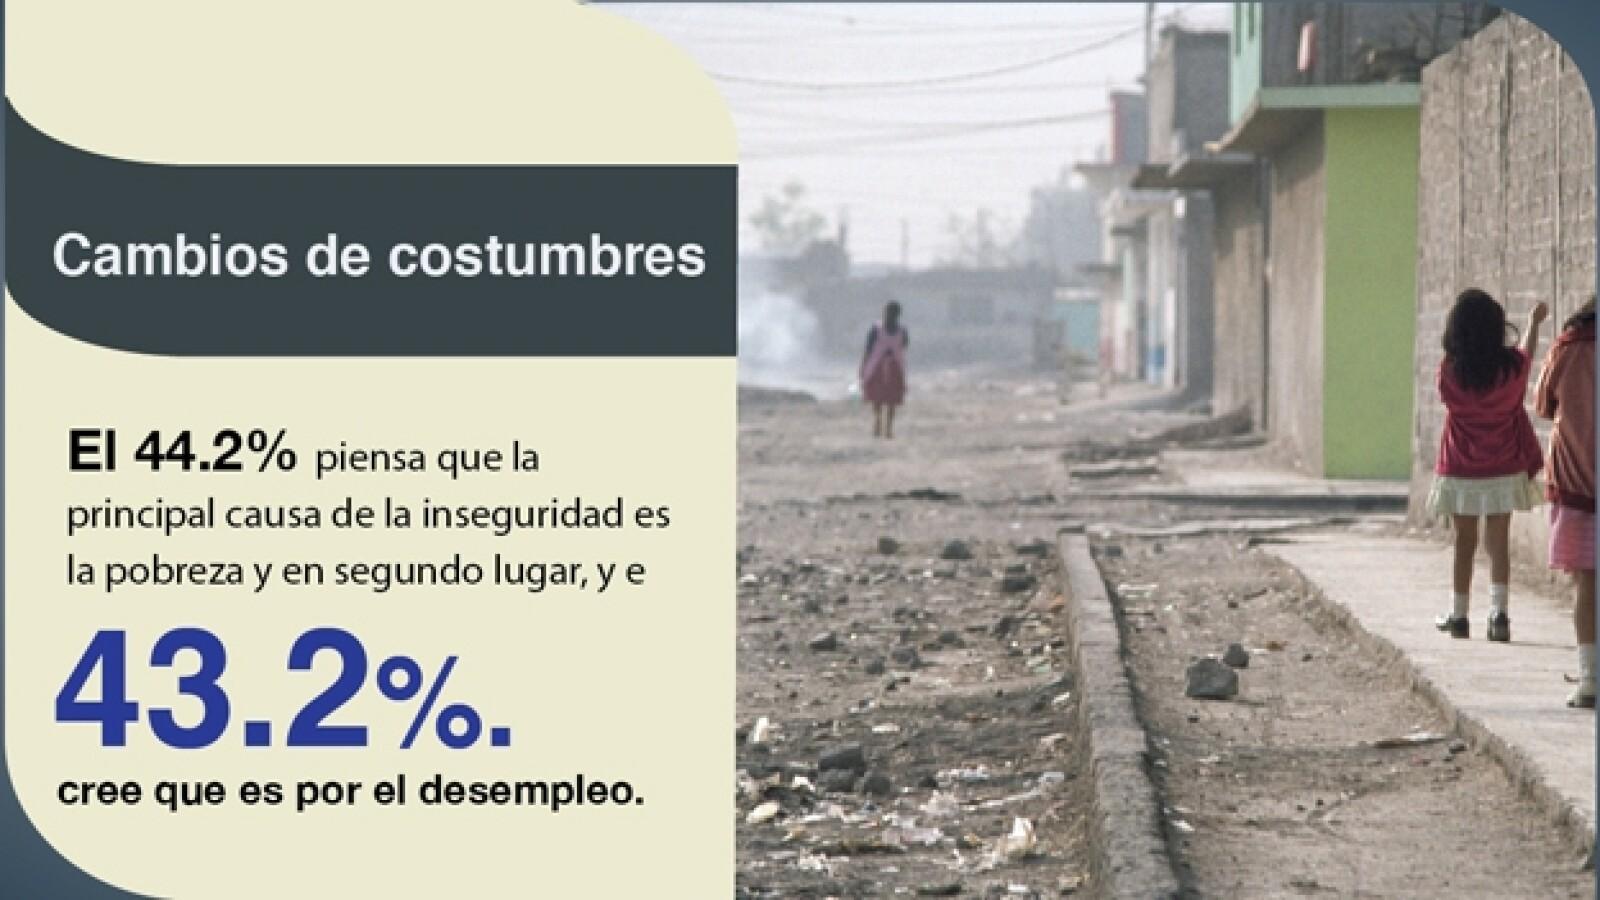 Encuesta seguridad INEGI 2012 19